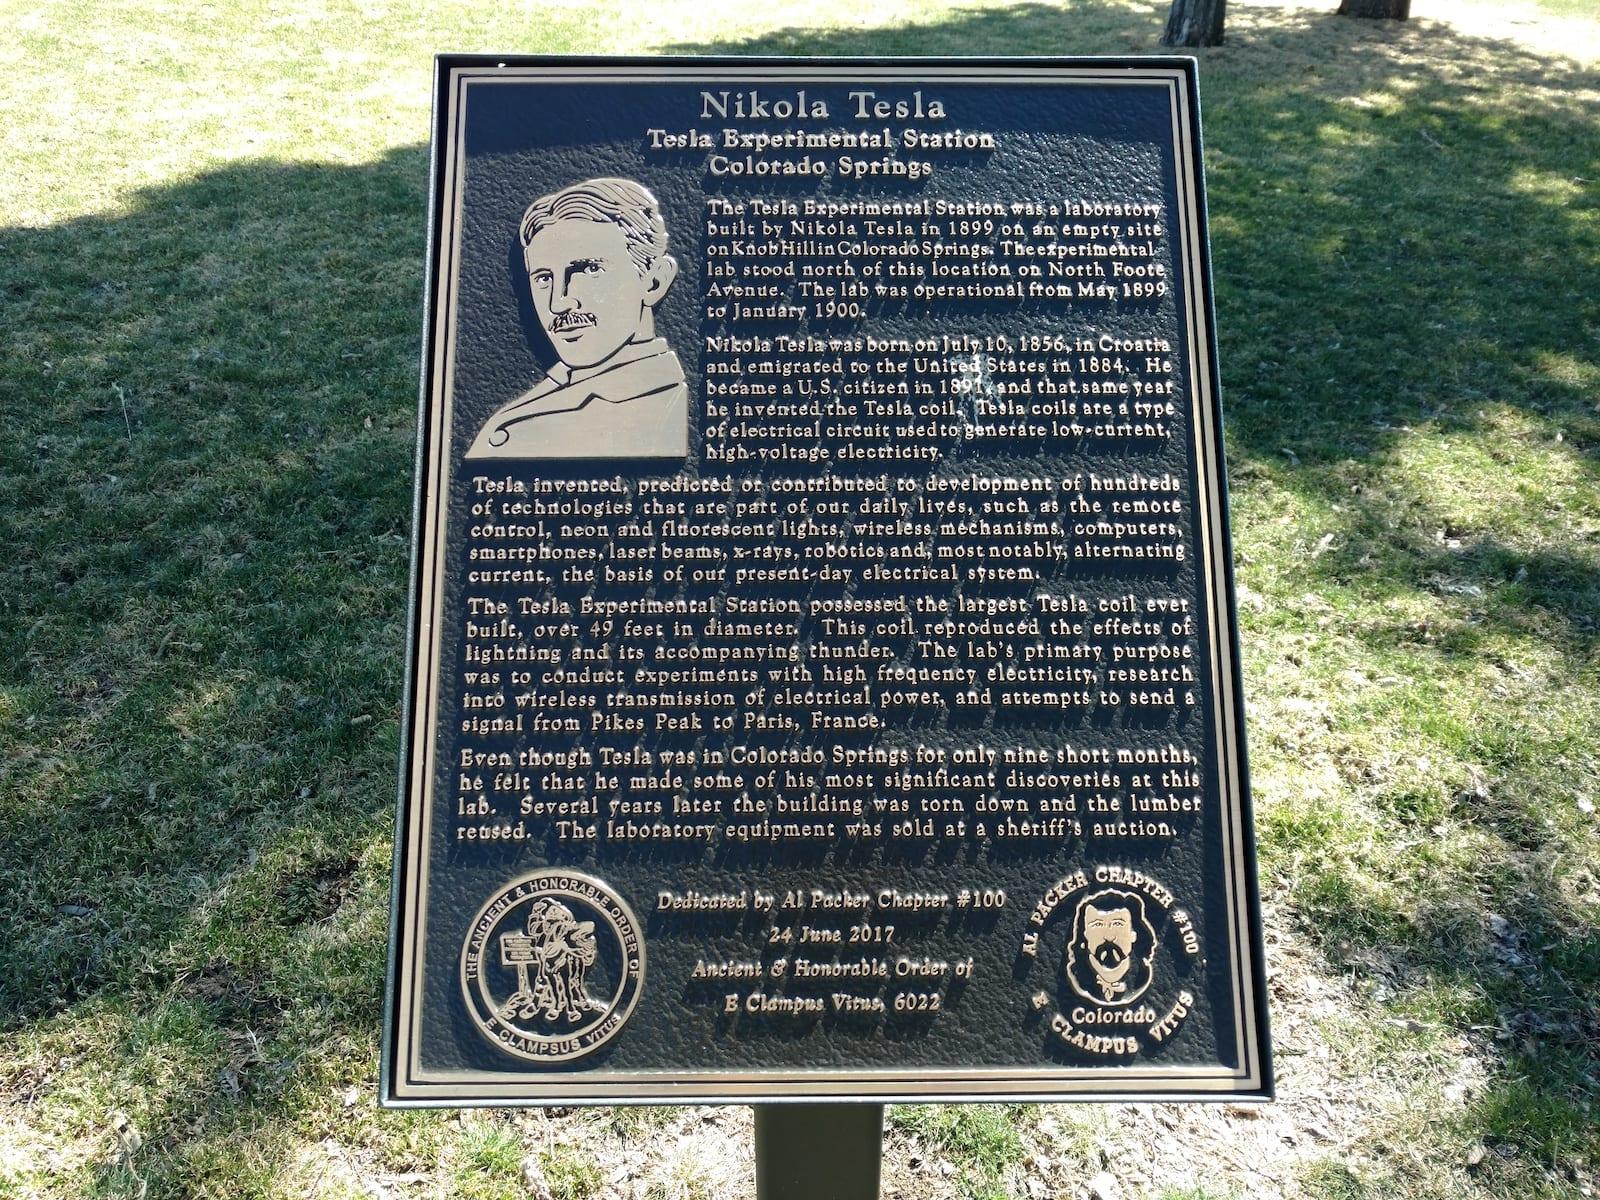 Nikola Tesla Interpretive Sign Memorial Park Colorado Springs